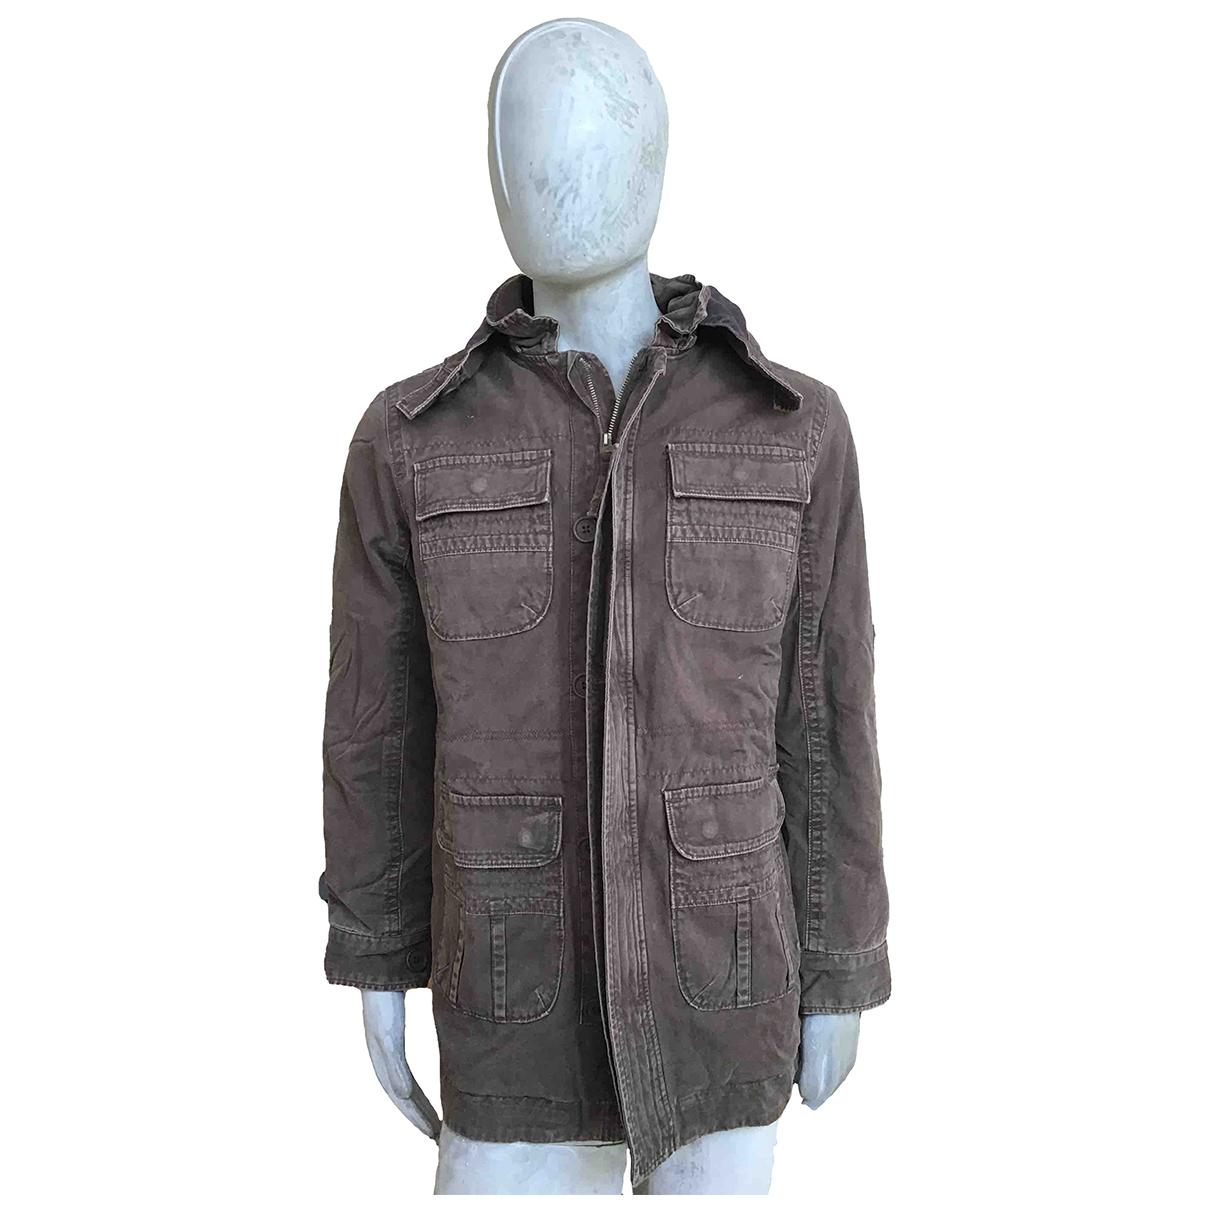 Abercrombie & Fitch - Vestes.Blousons   pour homme en coton - marron